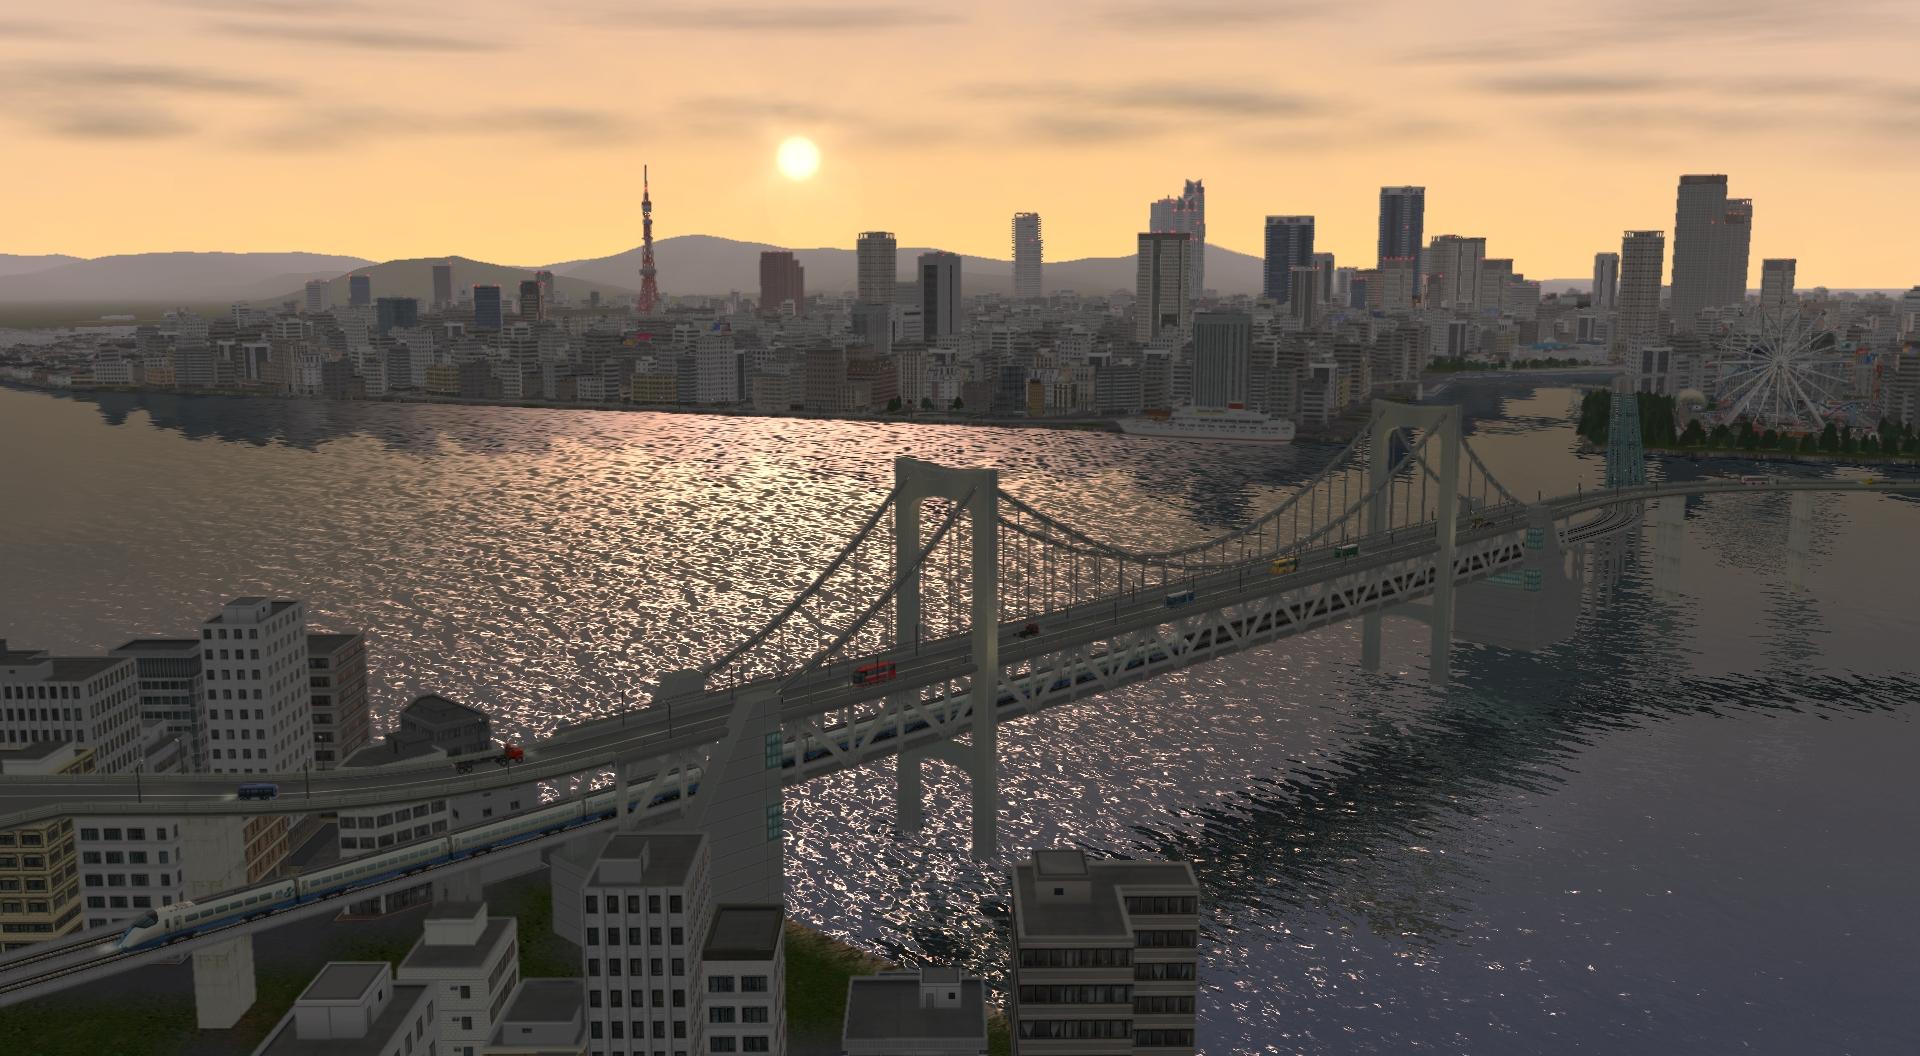 「宵明けの大都」。大規模な埋立事業と交通網の整備が進んだことにより、政治経済の中枢都市として大きな発展を遂げてきた街を、さらに発展させる